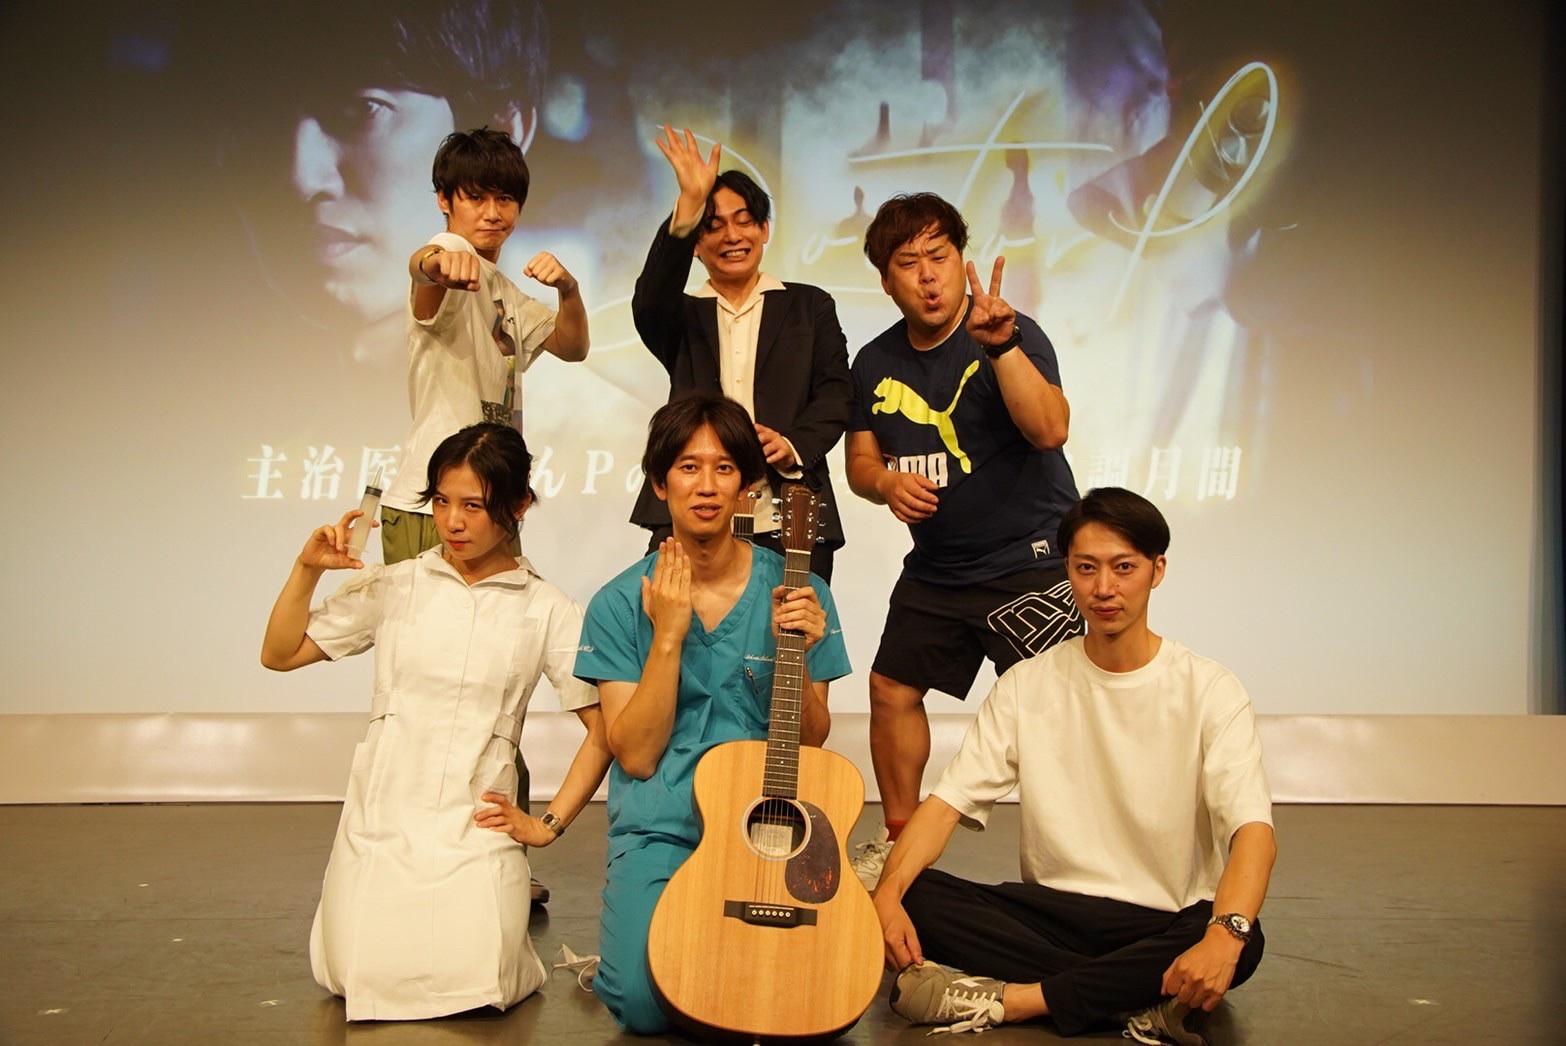 #吉本坂46プロデュース公演